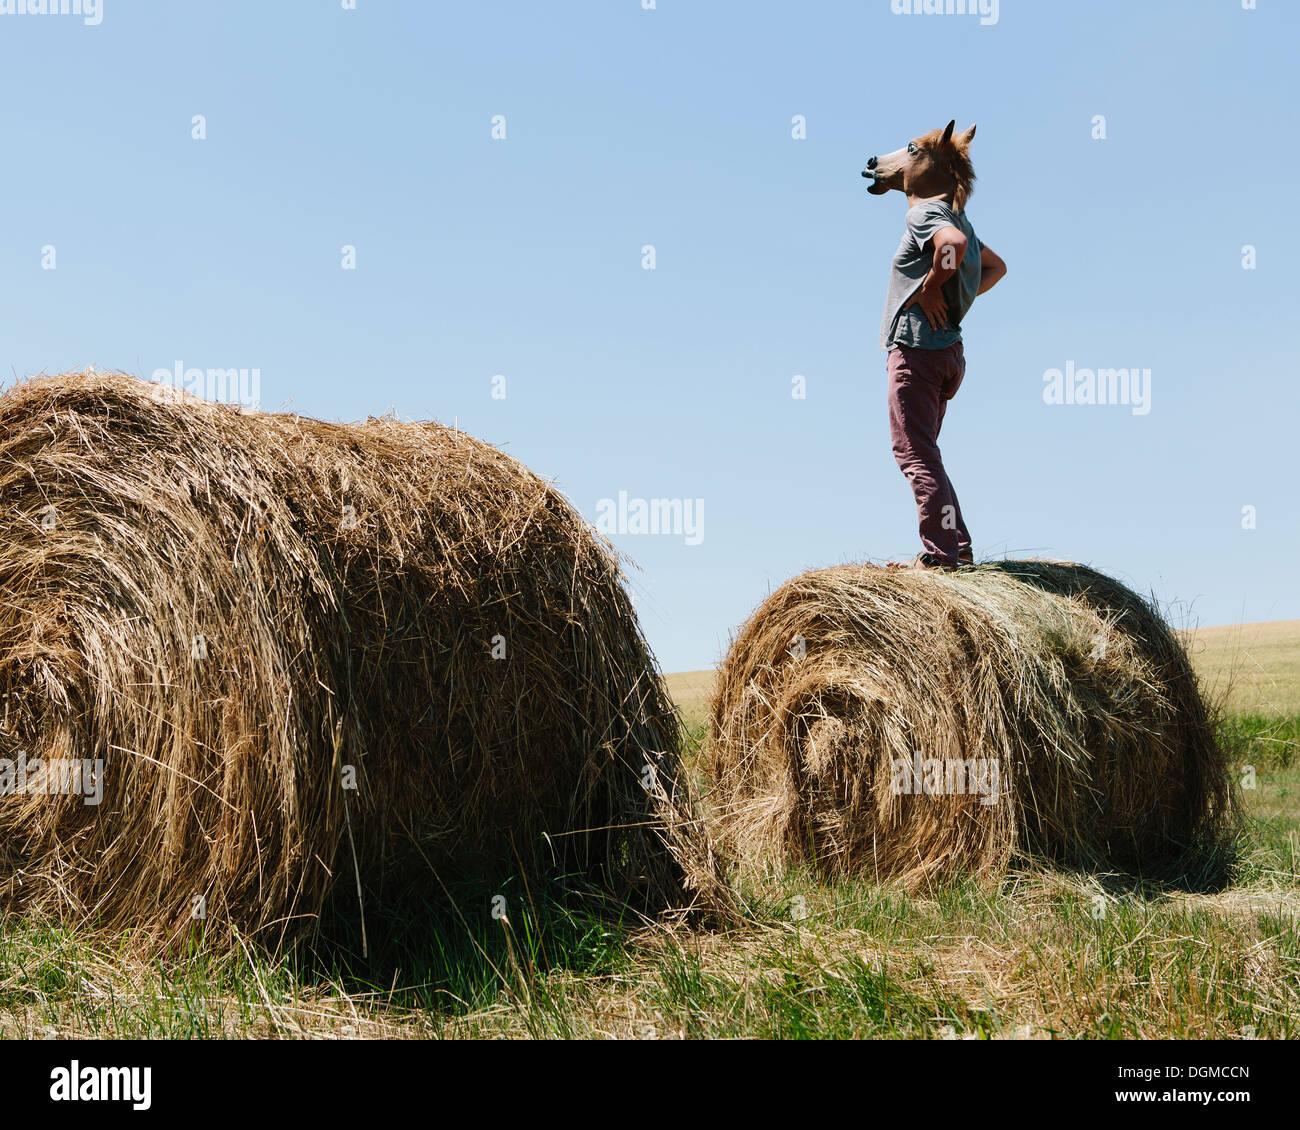 Ein Mann trägt eine Maske Pferd, stehend auf einem Heuballen, Blick auf Ackerland. Stockbild